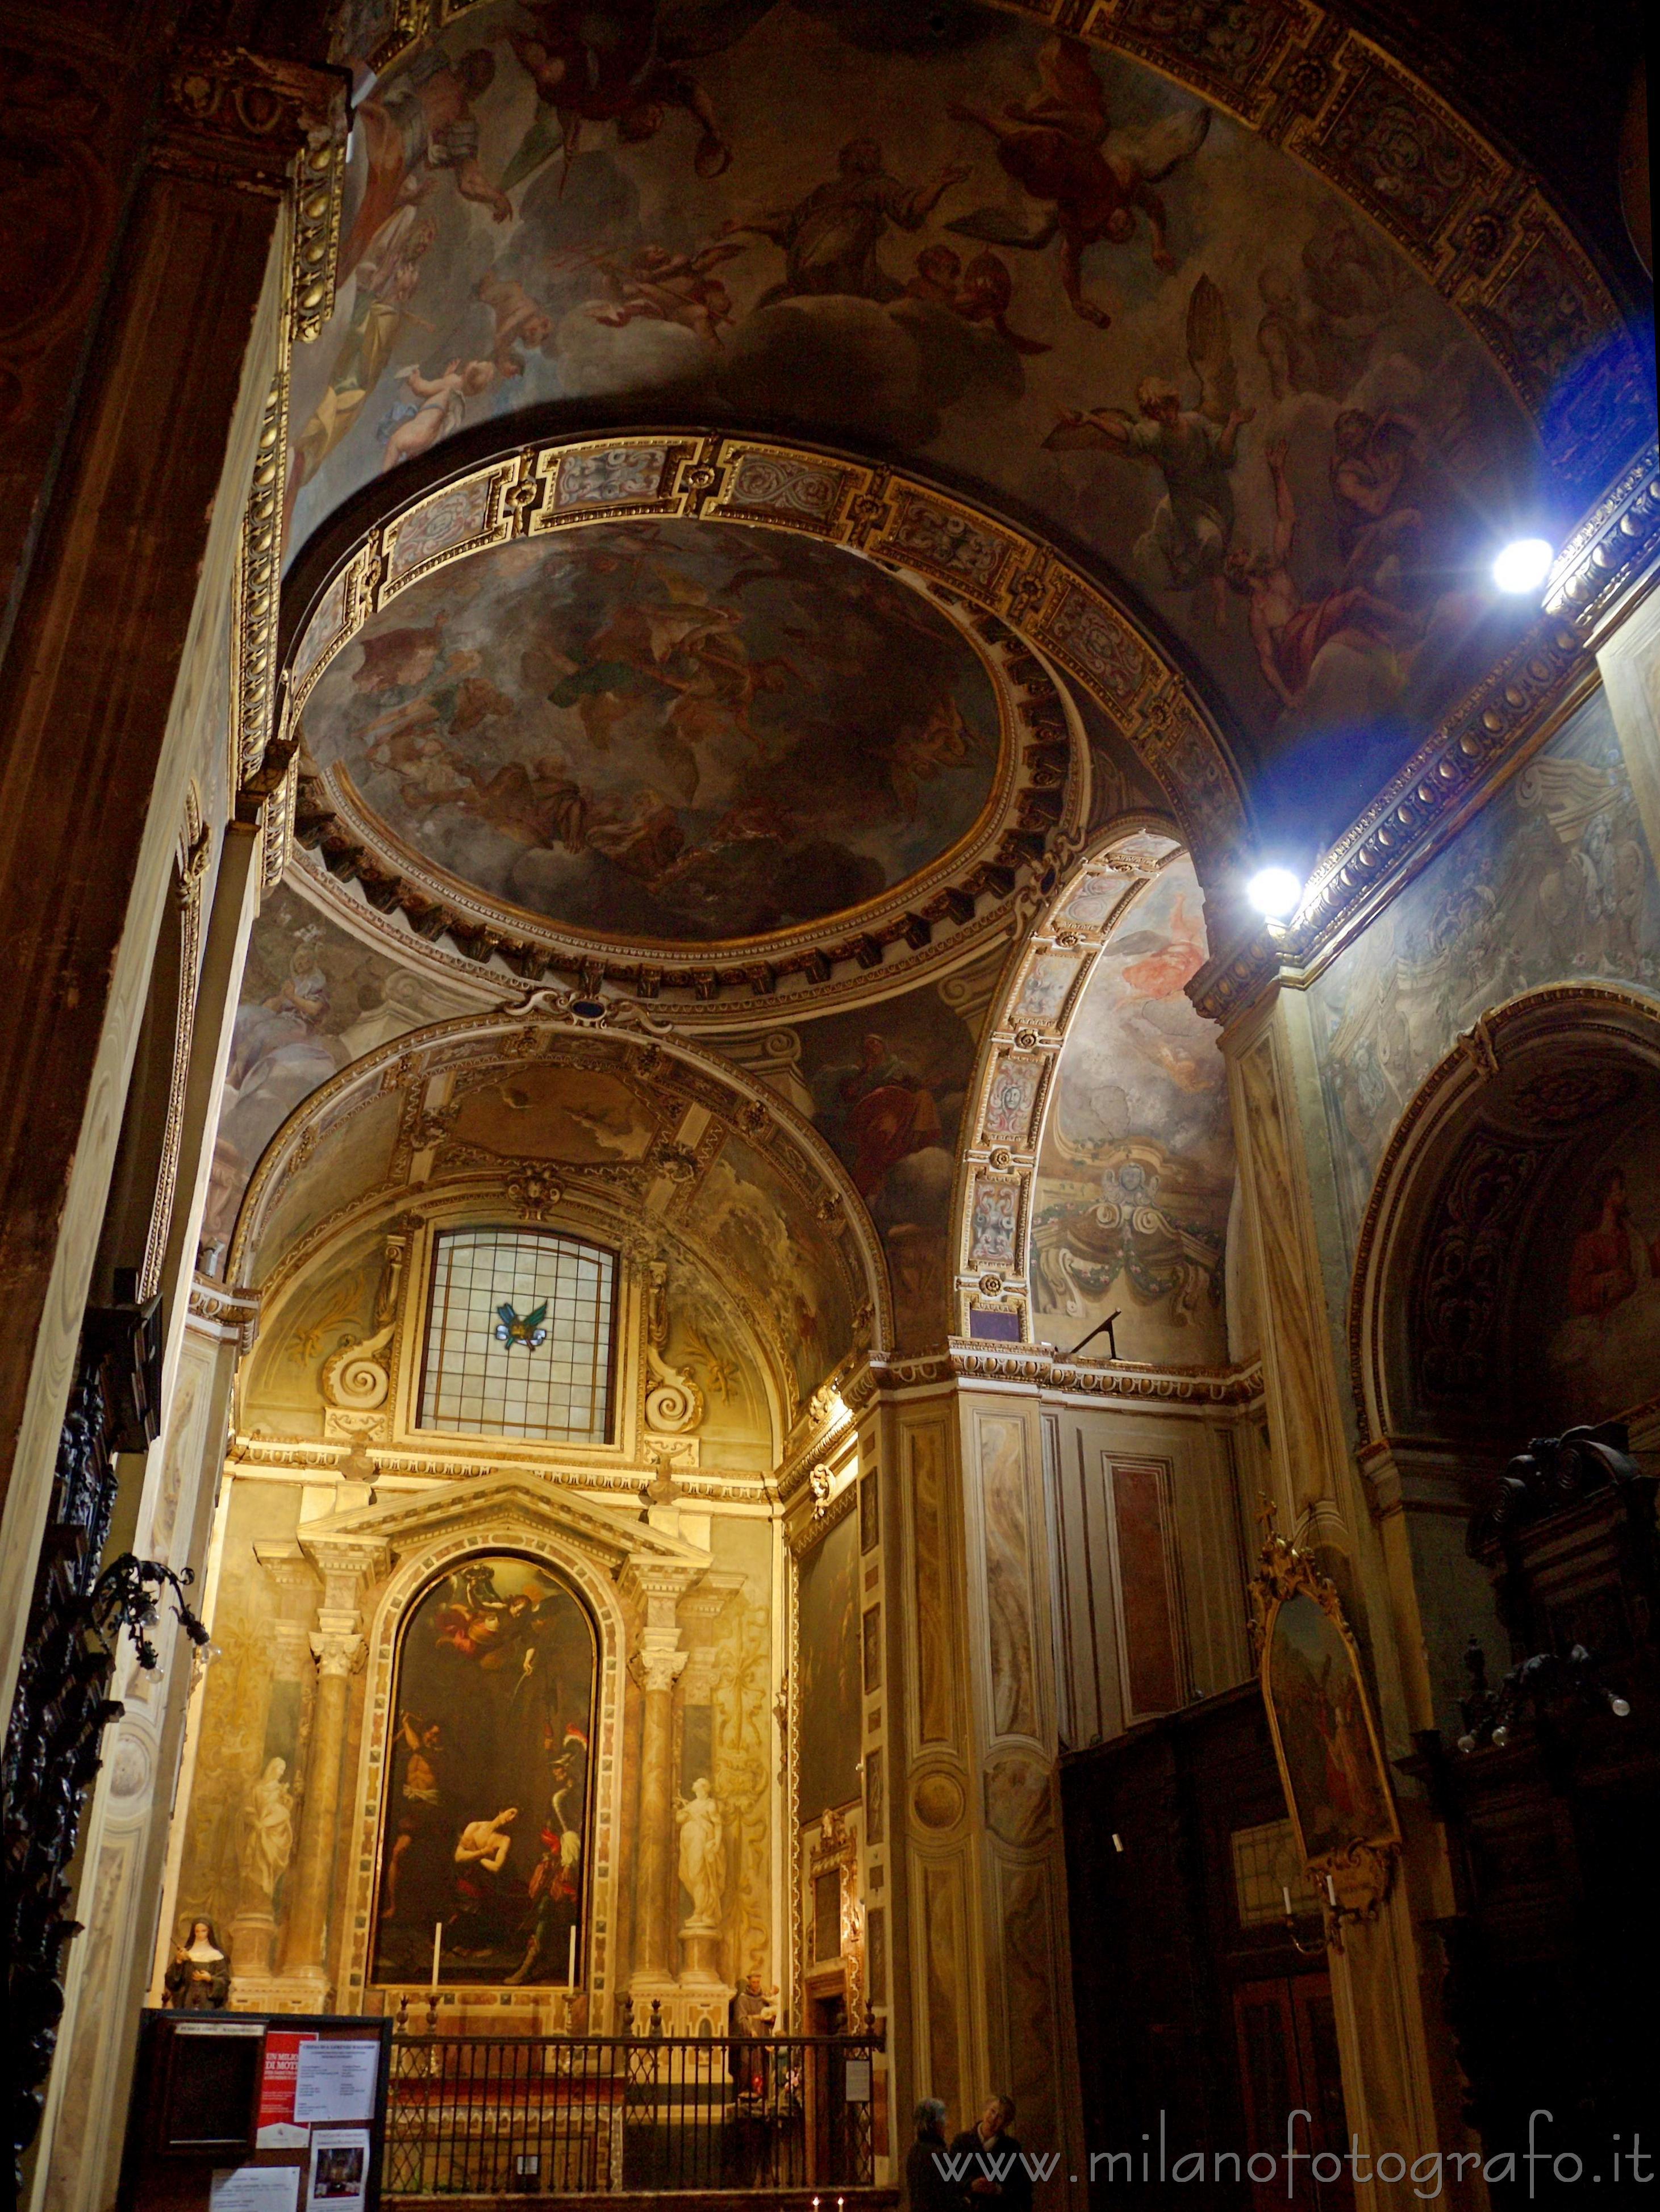 Milano: Soffitto di Sant Alessandro in Zebedia - immagine a piena risoluzione